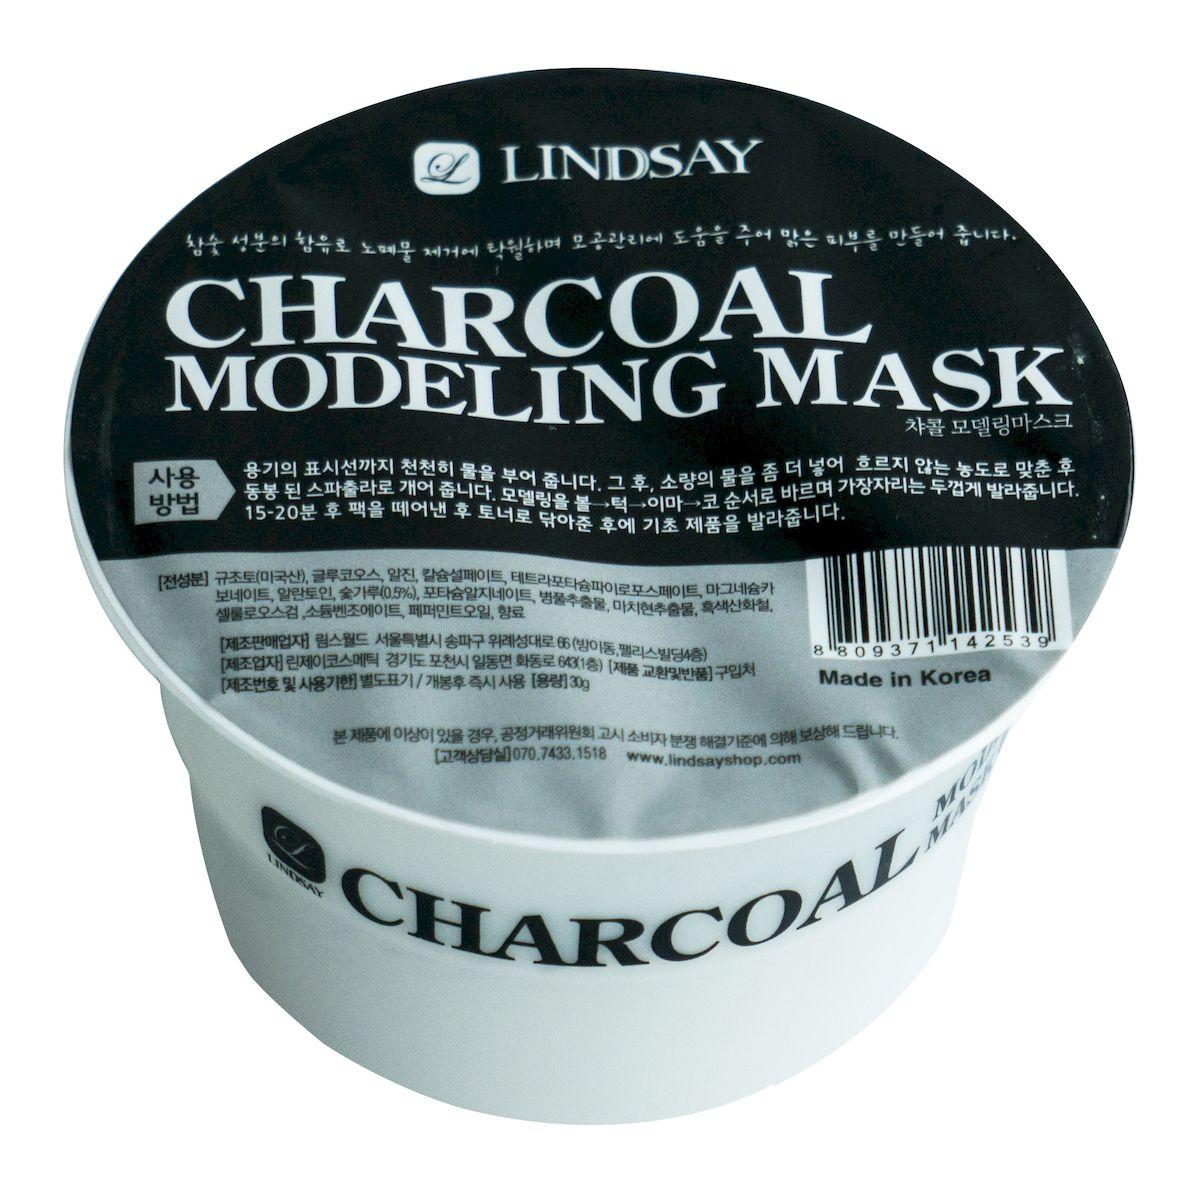 Lindsay Моделирующая альгинатная маска для лица, с древесным углем, 30 г142539Альгинатные маски – популярное в салонах косметическое средство, основа которого – альгин, способствует более глубокому и эффективному проникновению активных компонентов в слои кожи. Древесный уголь эффективно вытягивает загрязнения из пор, не нарушая естественный pH-баланс кожи. Регулирует работу сальных желез и уровень увлажненности кожи.Способ применения: 1. Залейте содержимое упаковки водой до установленной метки (линия по периметру упаковки) 2. Размешайте до образования однородной гелеобразной массы 3. Нанесите маску на лицо 3. Оставьте на лице на 15-20 минут 4. Начиная с нижнего края, аккуратно удалите маску с лица.Меры предосторожности: при возникновении раздражения прекратите использование и обратитесь к дерматологу. При попадании продукта в глаза обильно промойте их водой. Храните в защищенном от прямых солнечных лучей месте, недоступном для детей.Состав: Диатомовая земля, глюкоза, альгин, сульфат кальция, пирофосфат калия, карбонат магния, аллантоин, порошок древесного угля (0,5%), альгинат калия, экстракт центеллы азиатской, экстракт портулака огородного, CI 77499, бензоат натрия, сорбат калия, масло мяты перечной, отдушка.